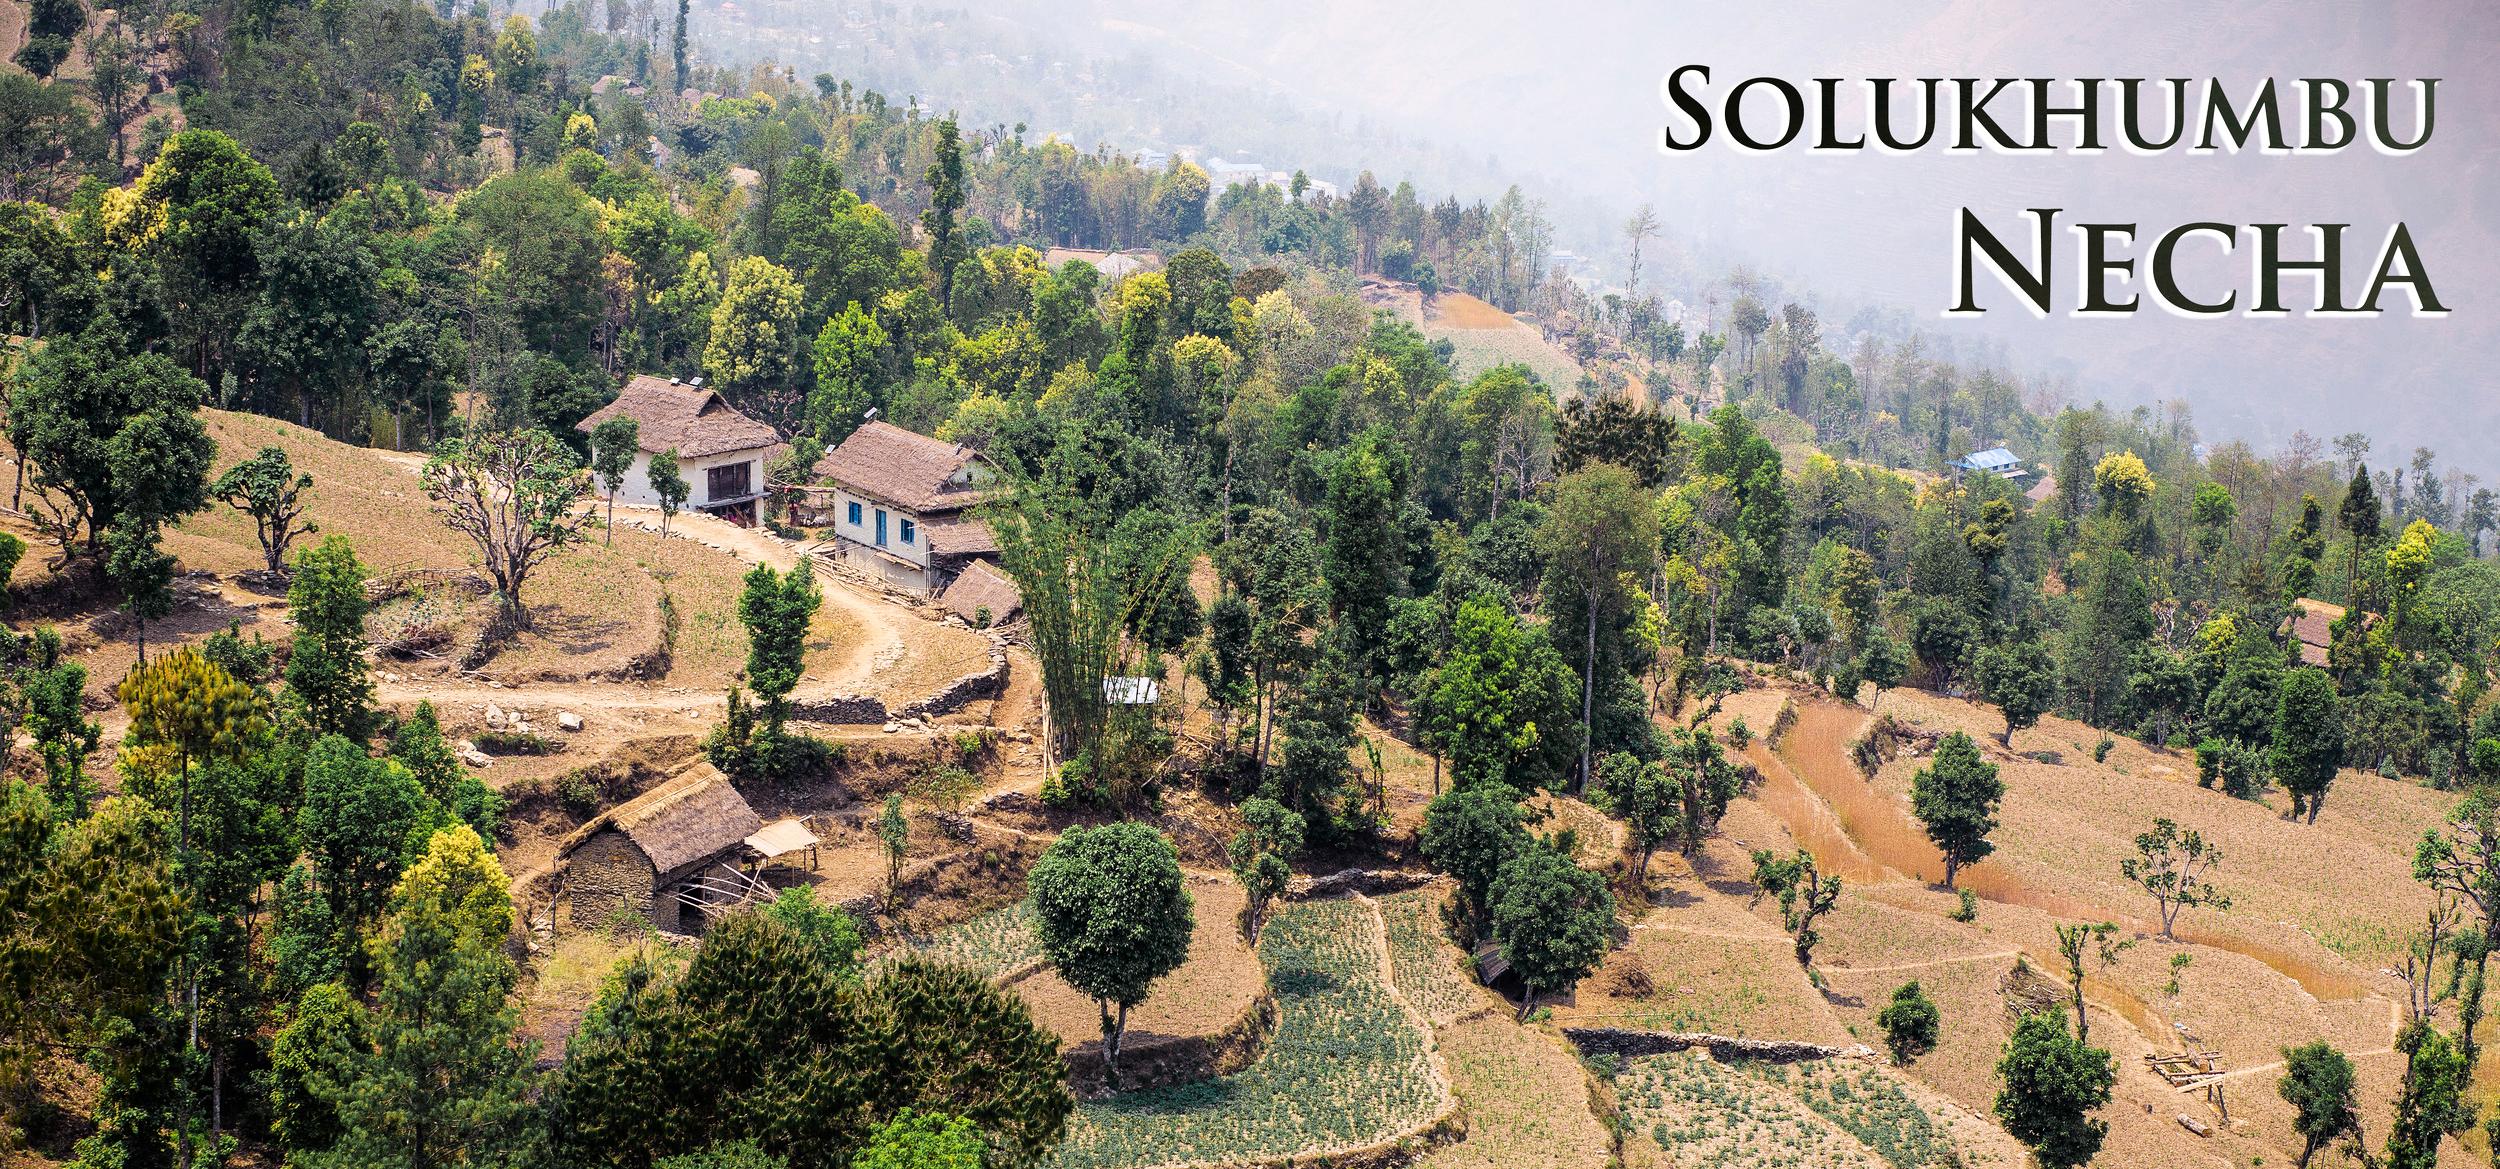 Een blik op het dorp Necha waar we tijdens de reis een aantal dagen opgaan in het lokale leven.